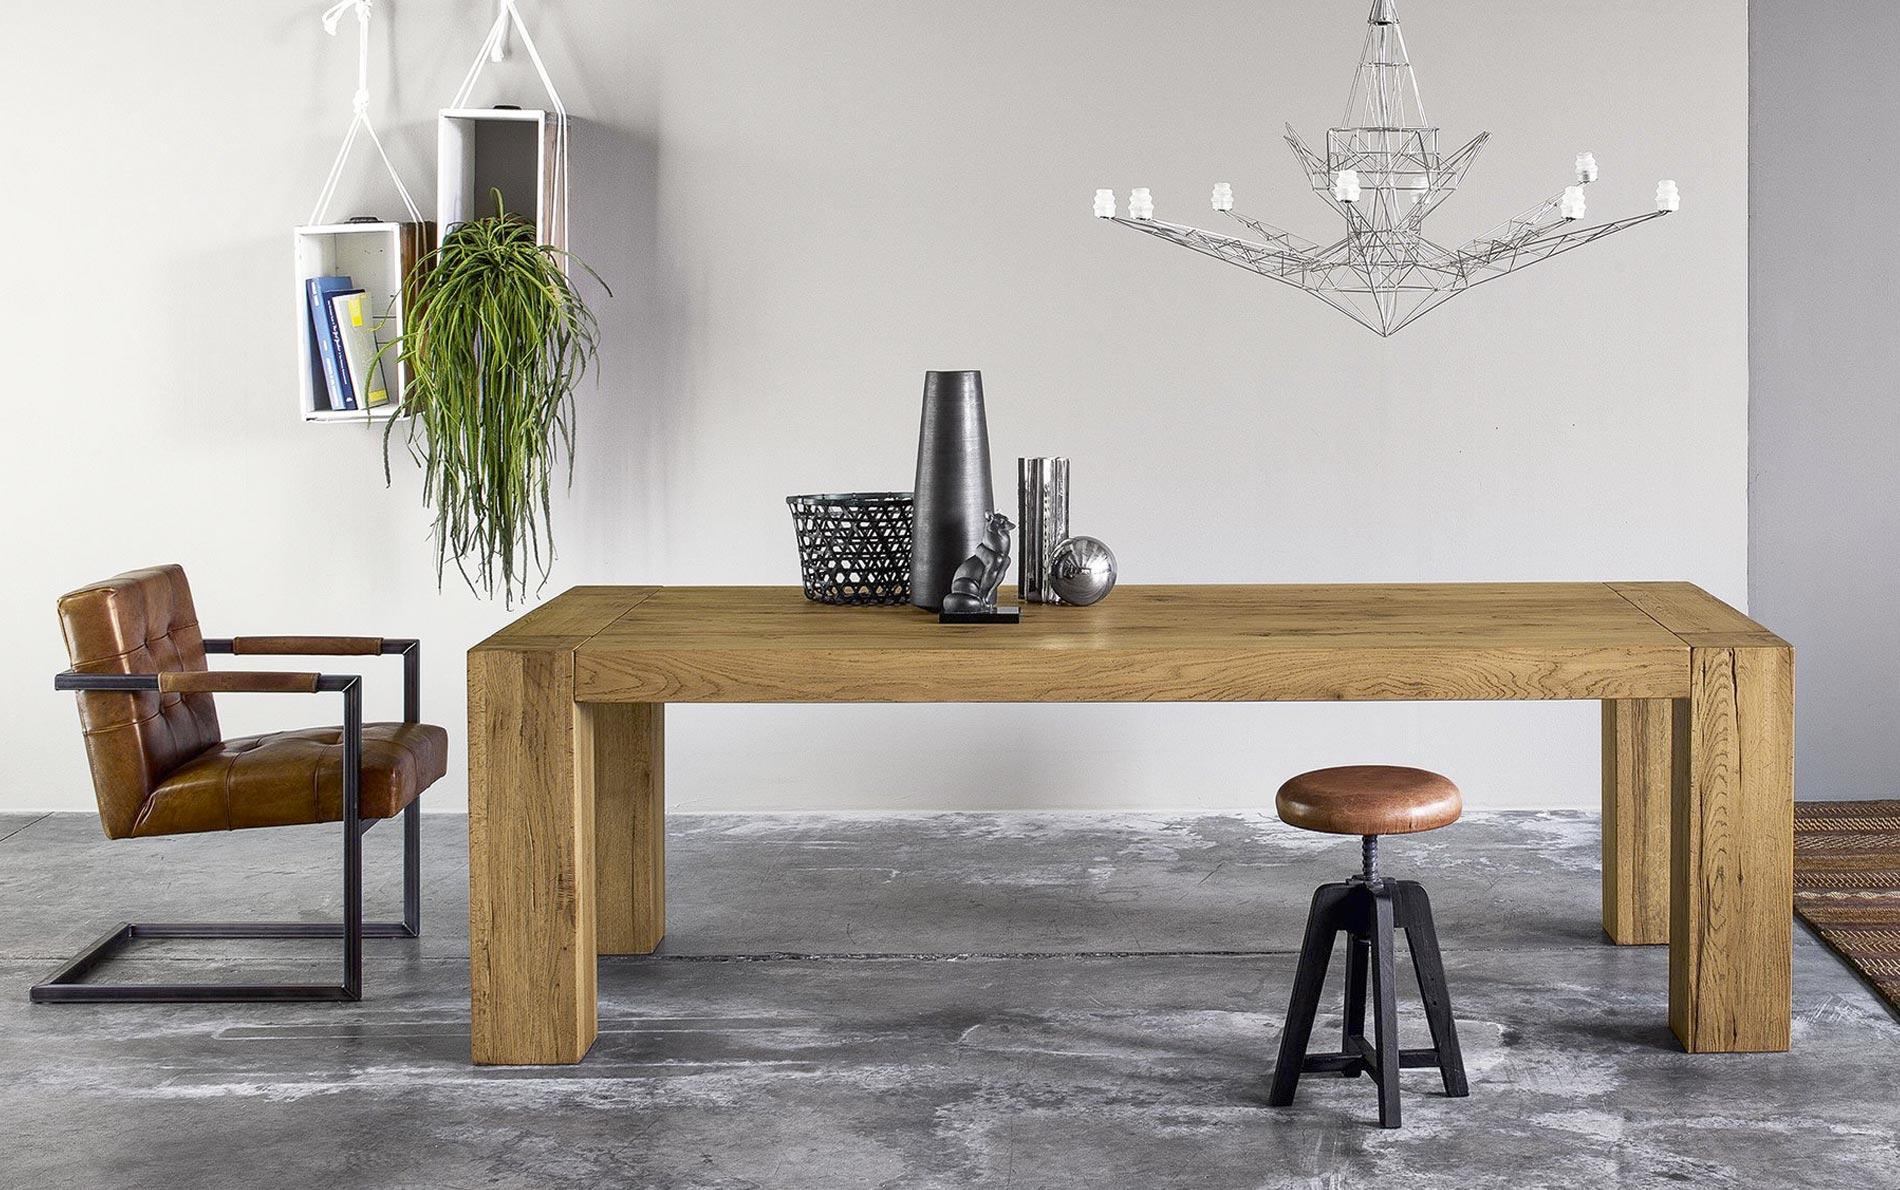 taula potes fusta gruixudes